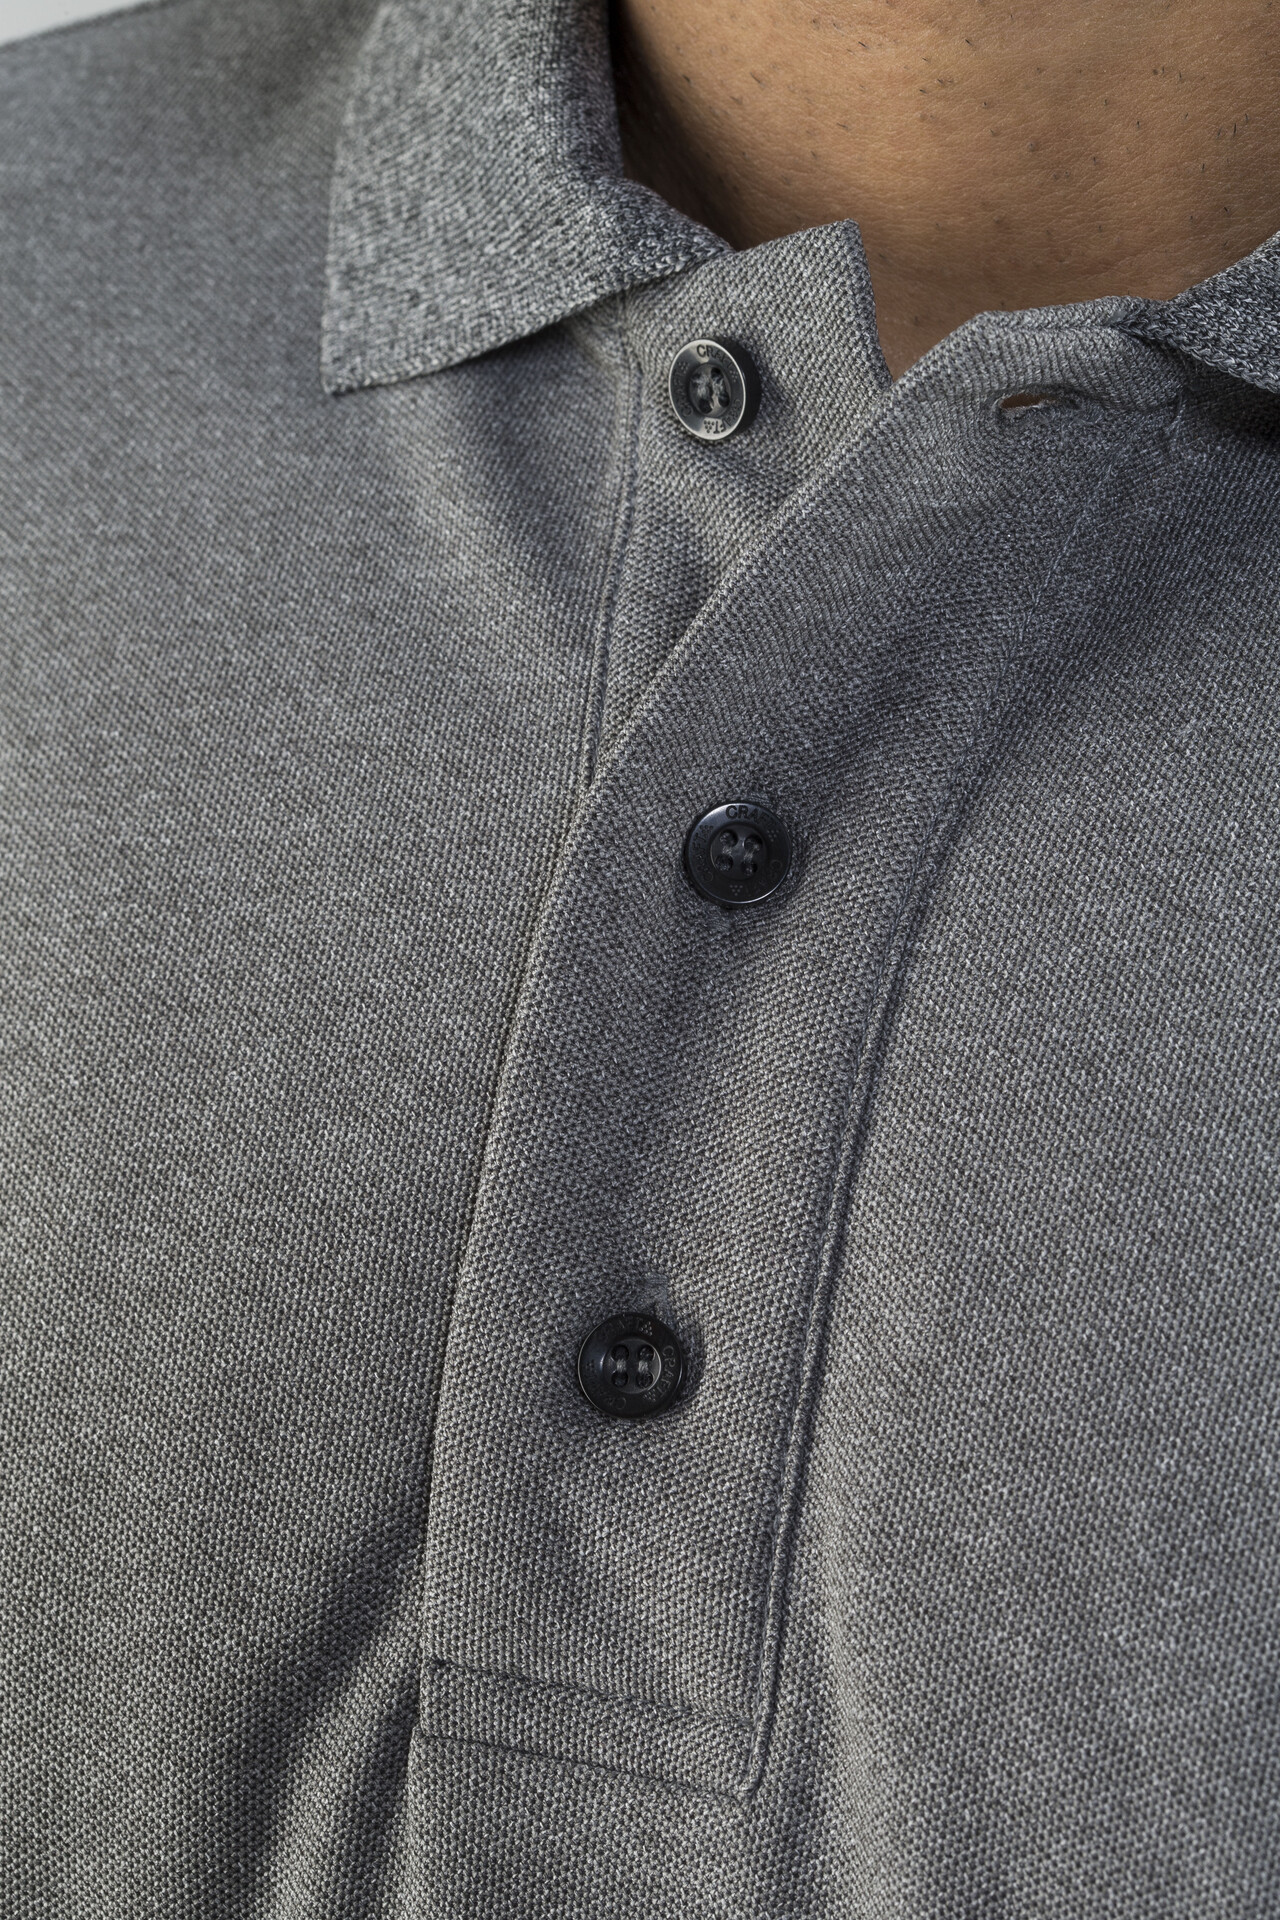 0p8wokn T picas gris y polo en manga Camisa Craft clásica Man de con corta QdChxtBsro